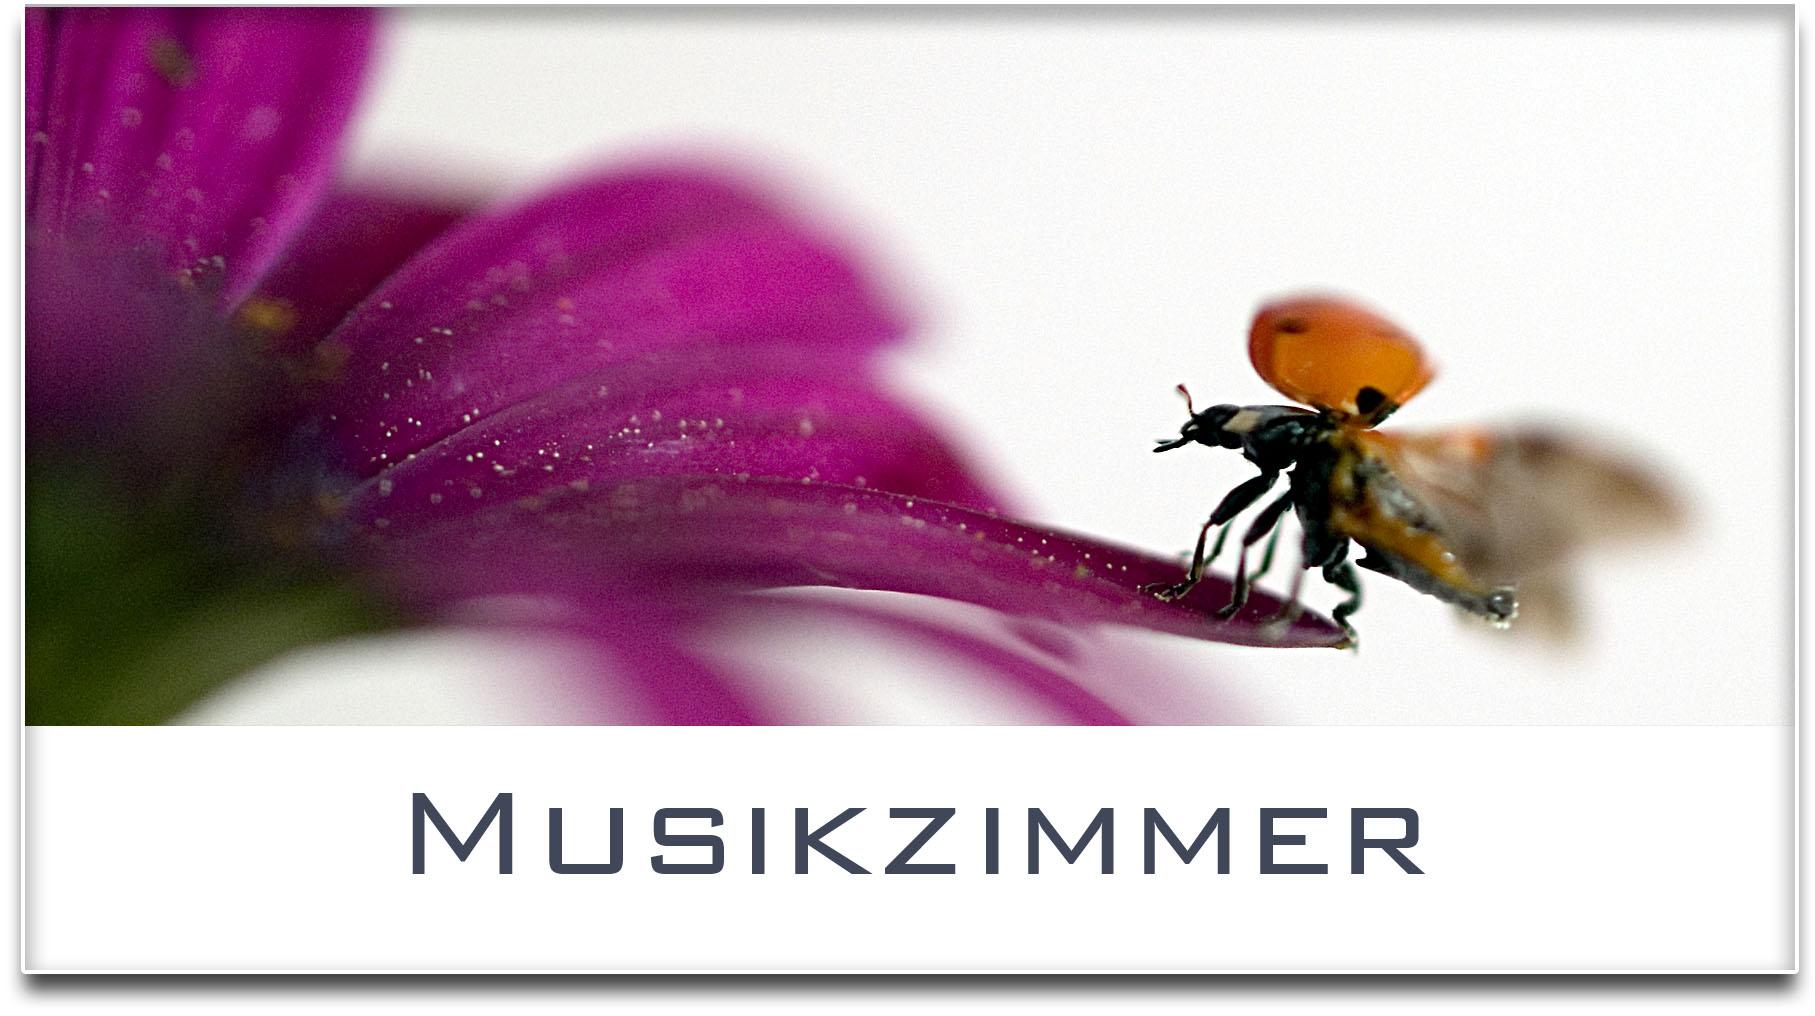 Türschild / Haustürschild / Marienkäfer / Musikzimmer / Selbstklebend